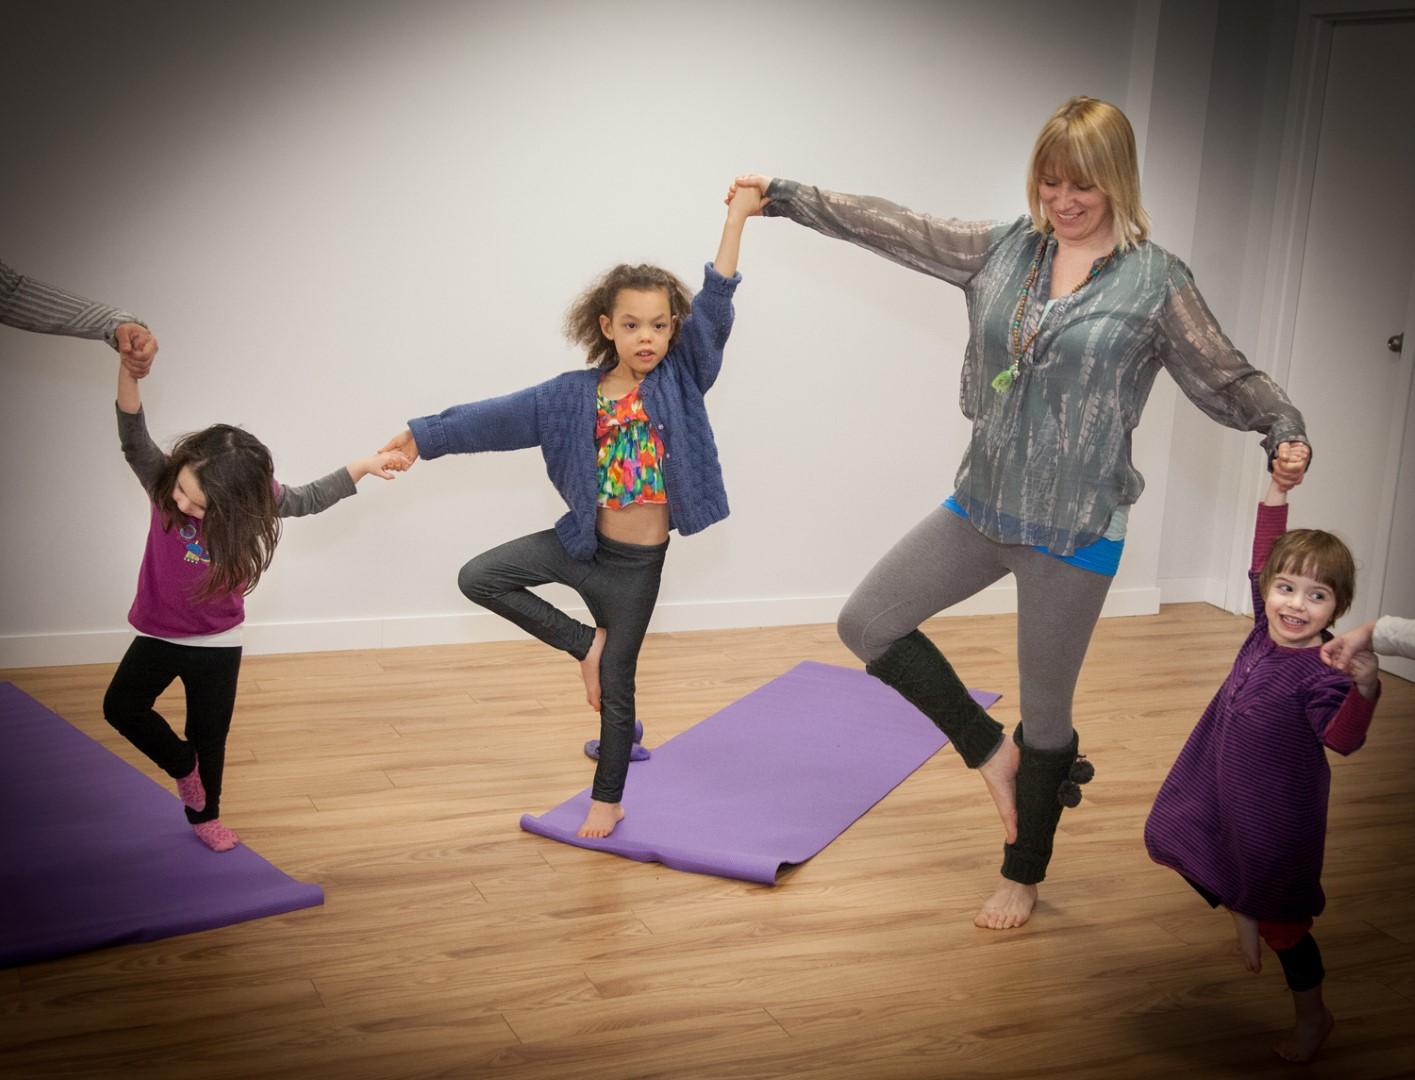 PUBLIREPORTAGE: Ouverture de Anjali Mudra Yoga dans Sainte-Dorothée - L'Écho de Laval